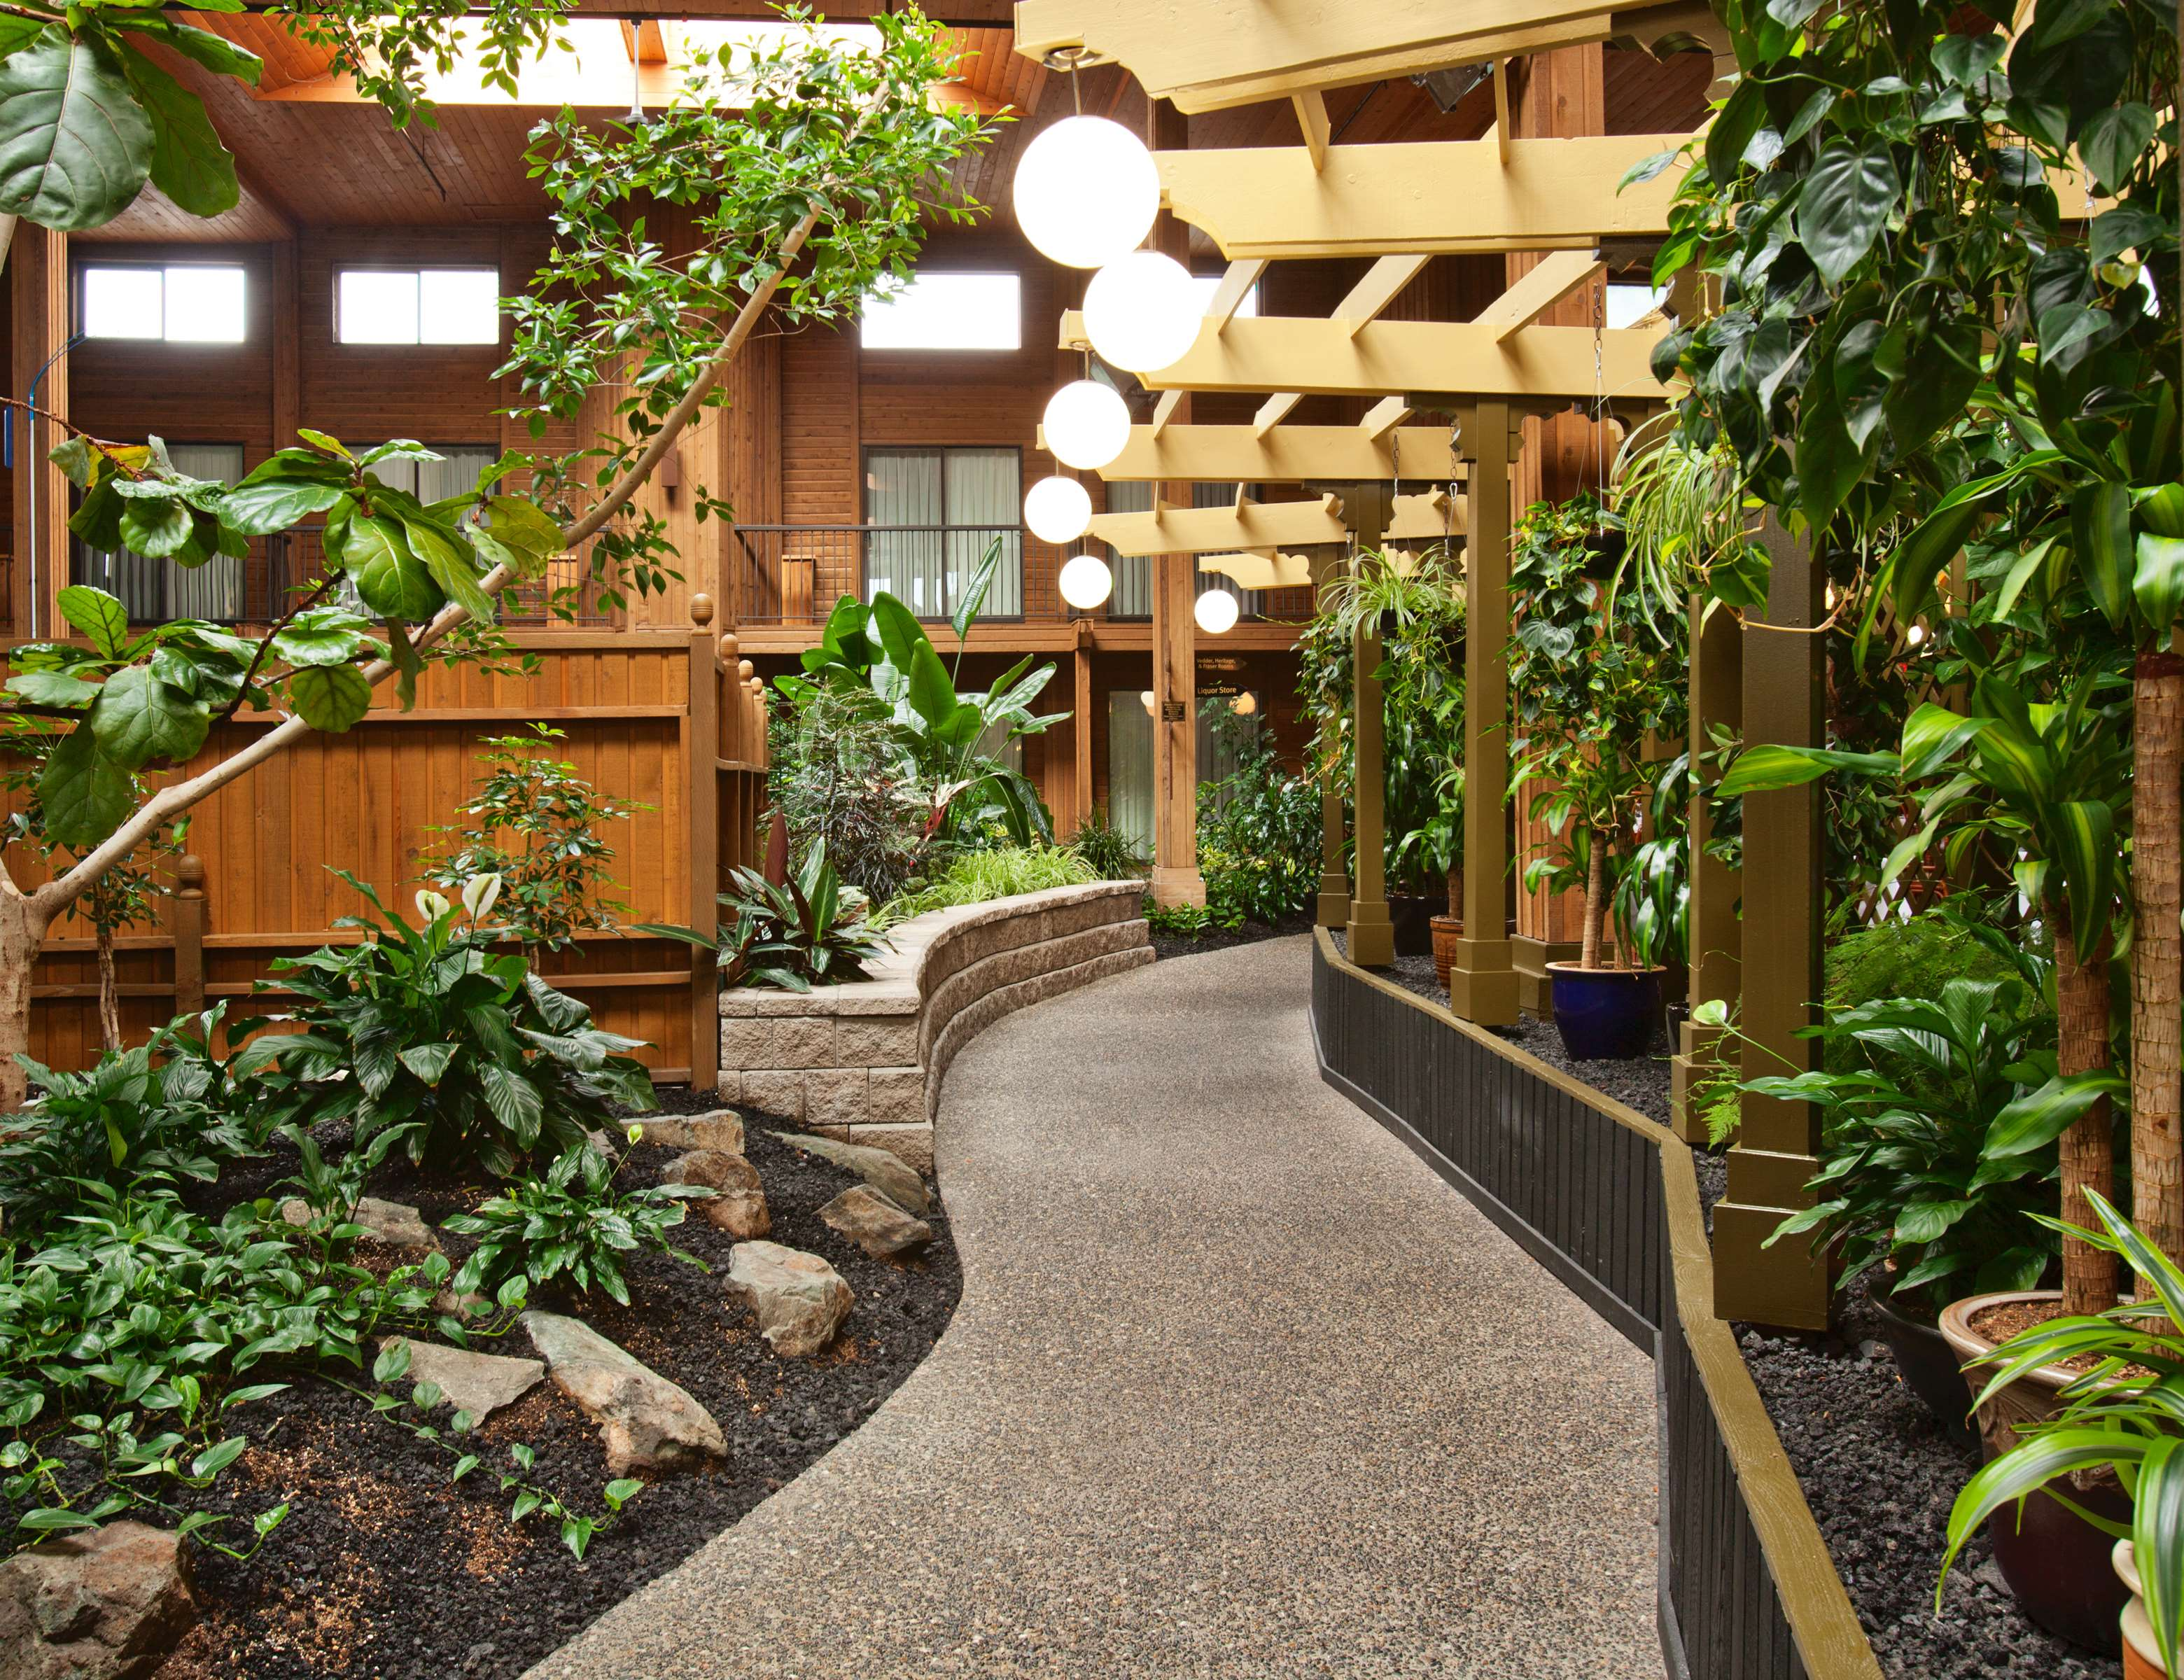 Surestay Hotel By Best Western Chilliwack in Chilliwack: Pathway through the Tropical Atrium Garden